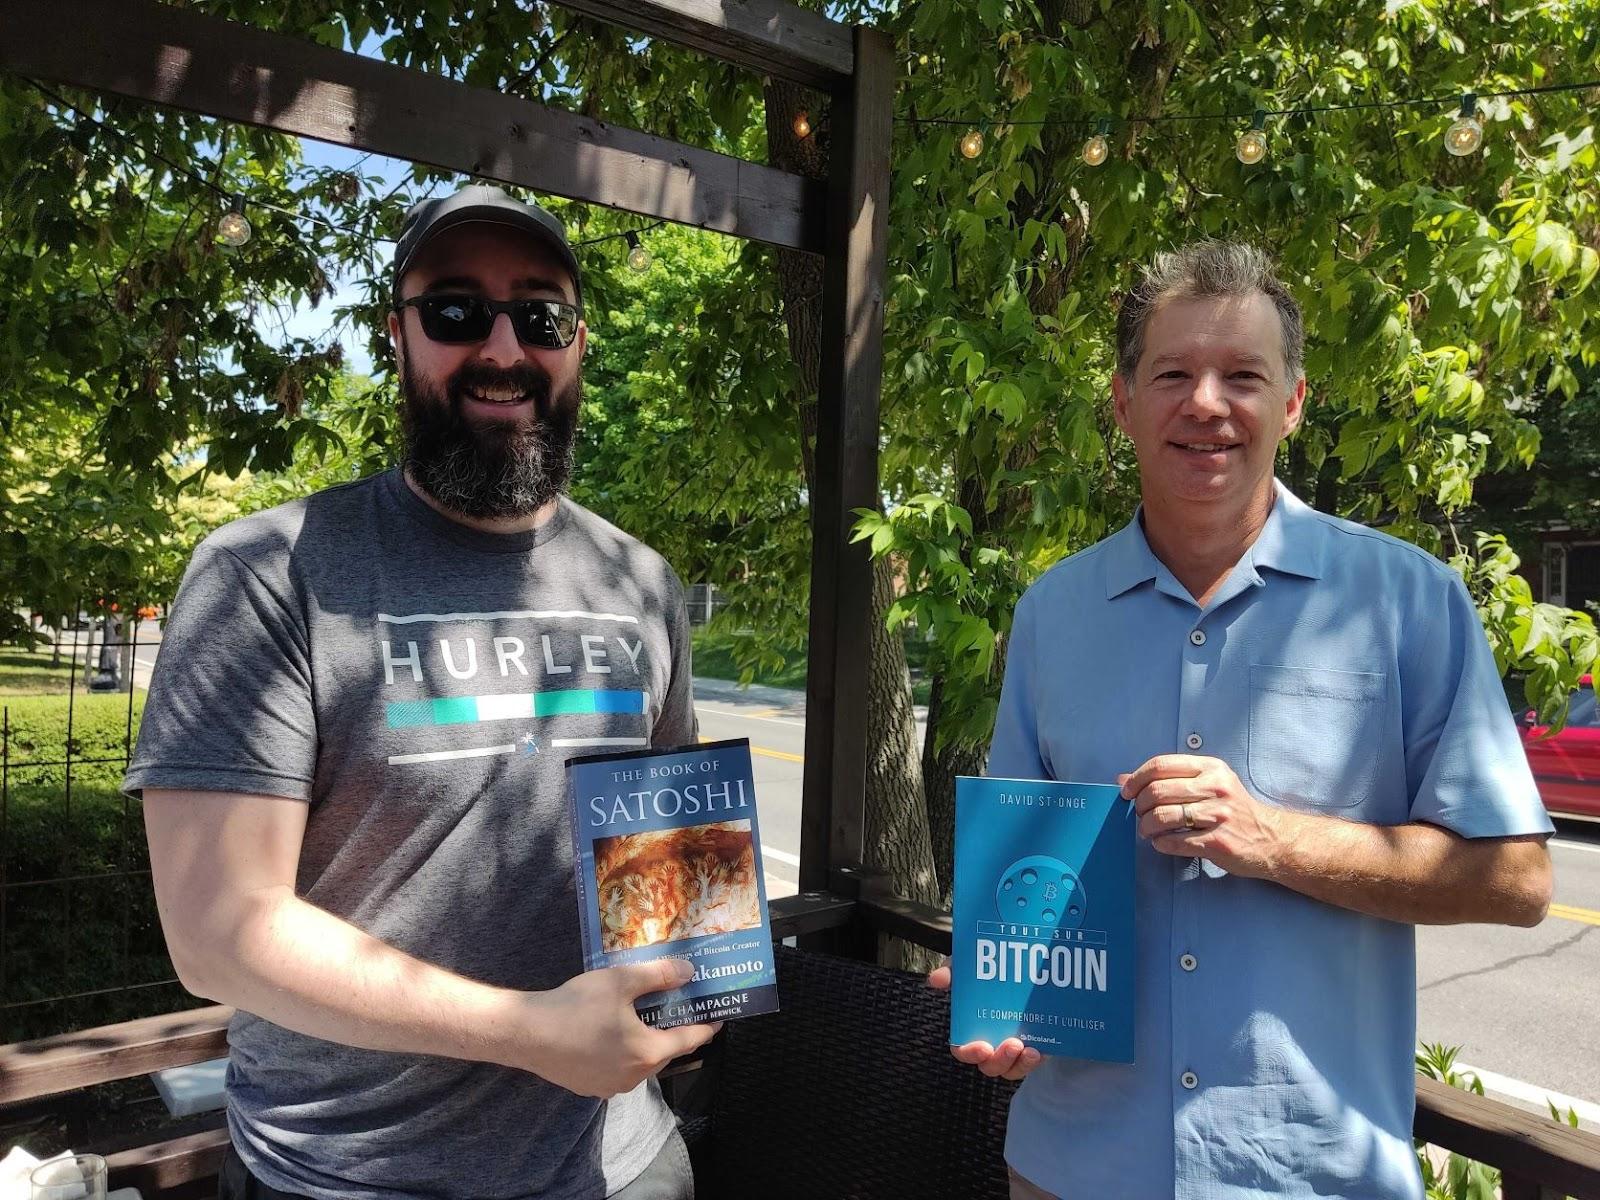 Phil Champagne et David St-Onge, auteurs de livres sur Bitcoin